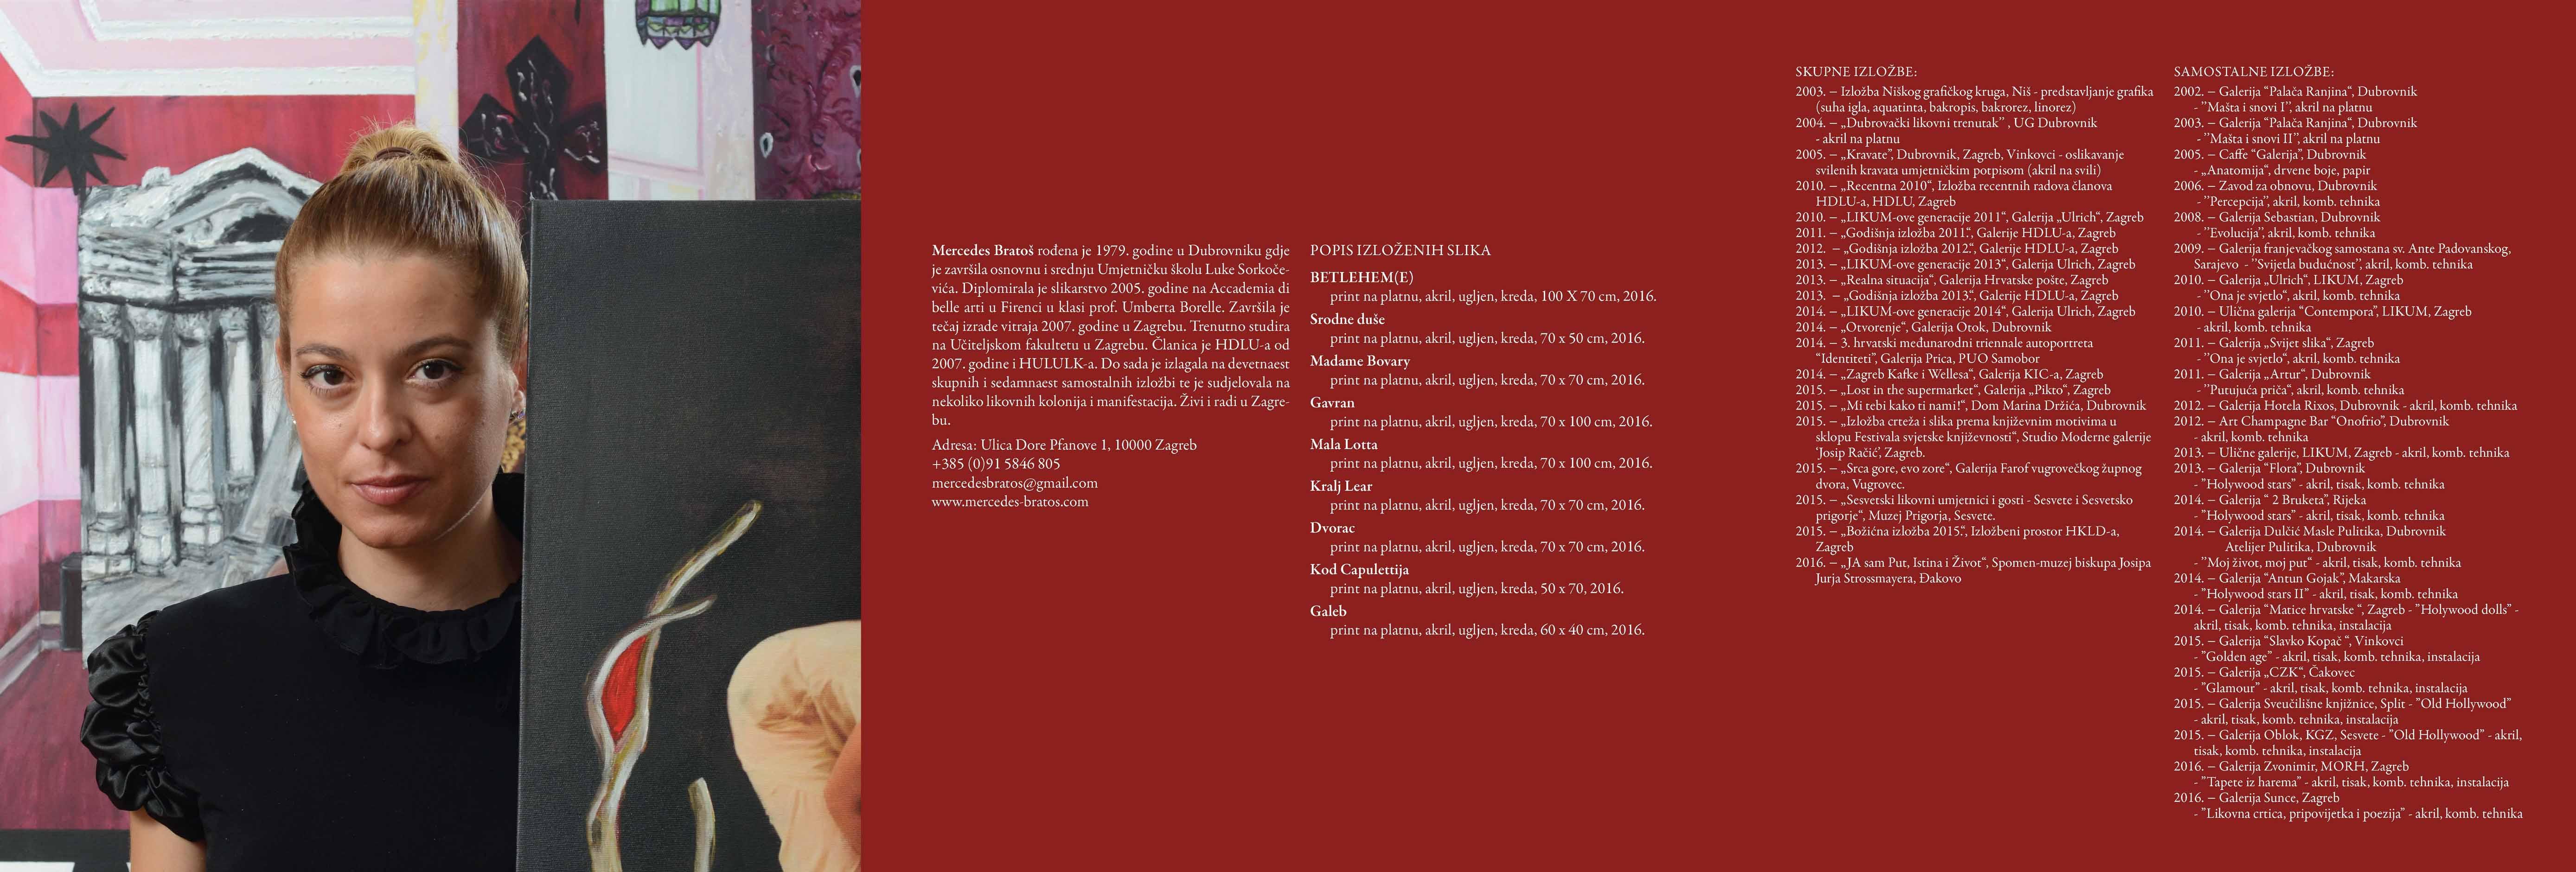 Katalog Mercedes Bratos korica 1 Page 2